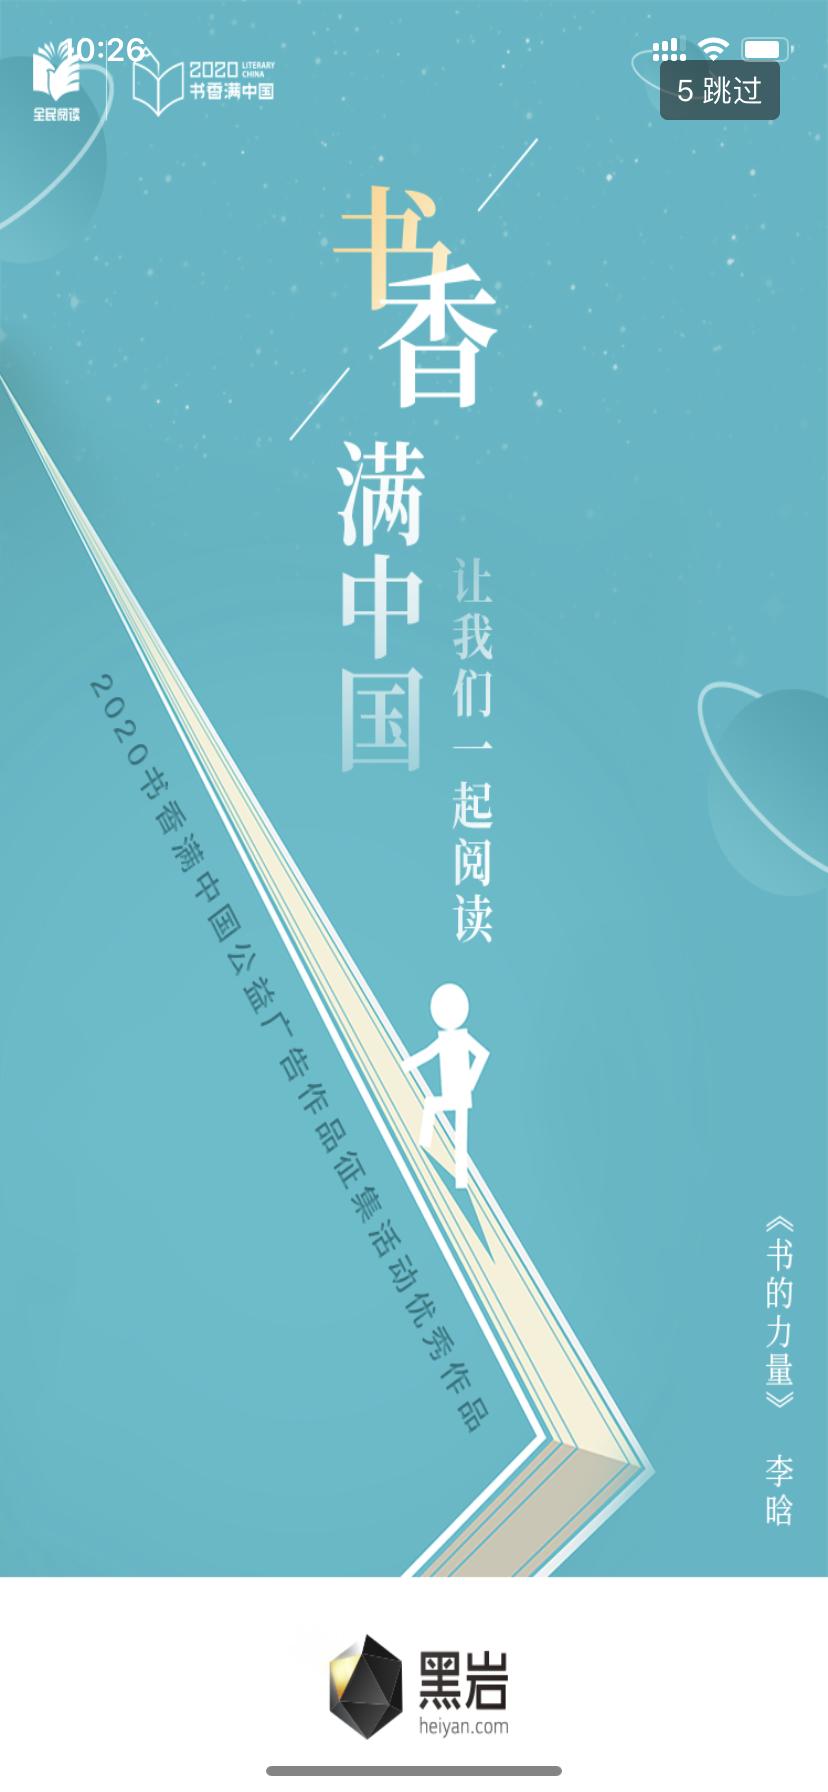 书香满中国,黑岩网等网络文学企业齐力推荐